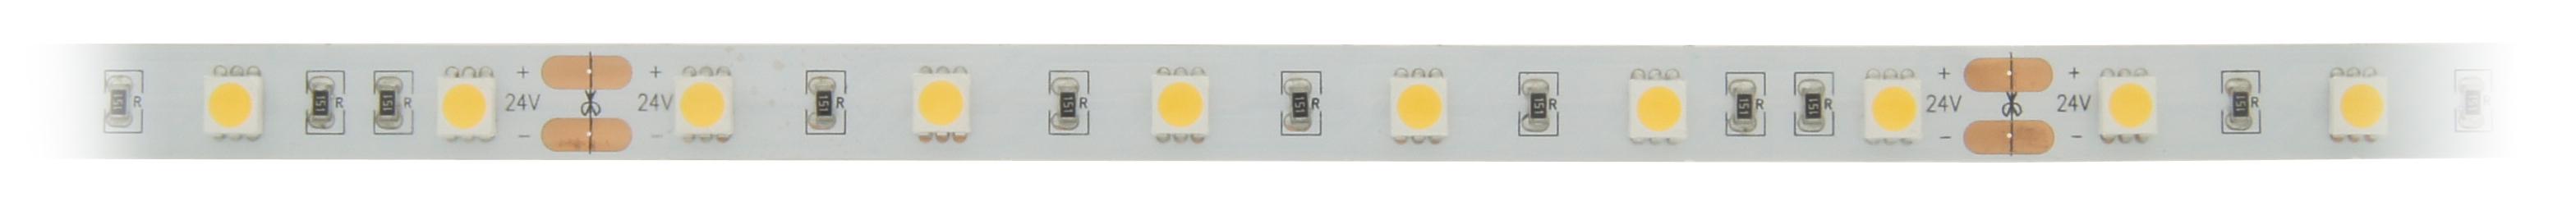 1 Stk Flexstrip 60 UWW, Ra=90+, 13,8W/m, 911lm/m, 24VDC,IP44, l=5m LIFS012000